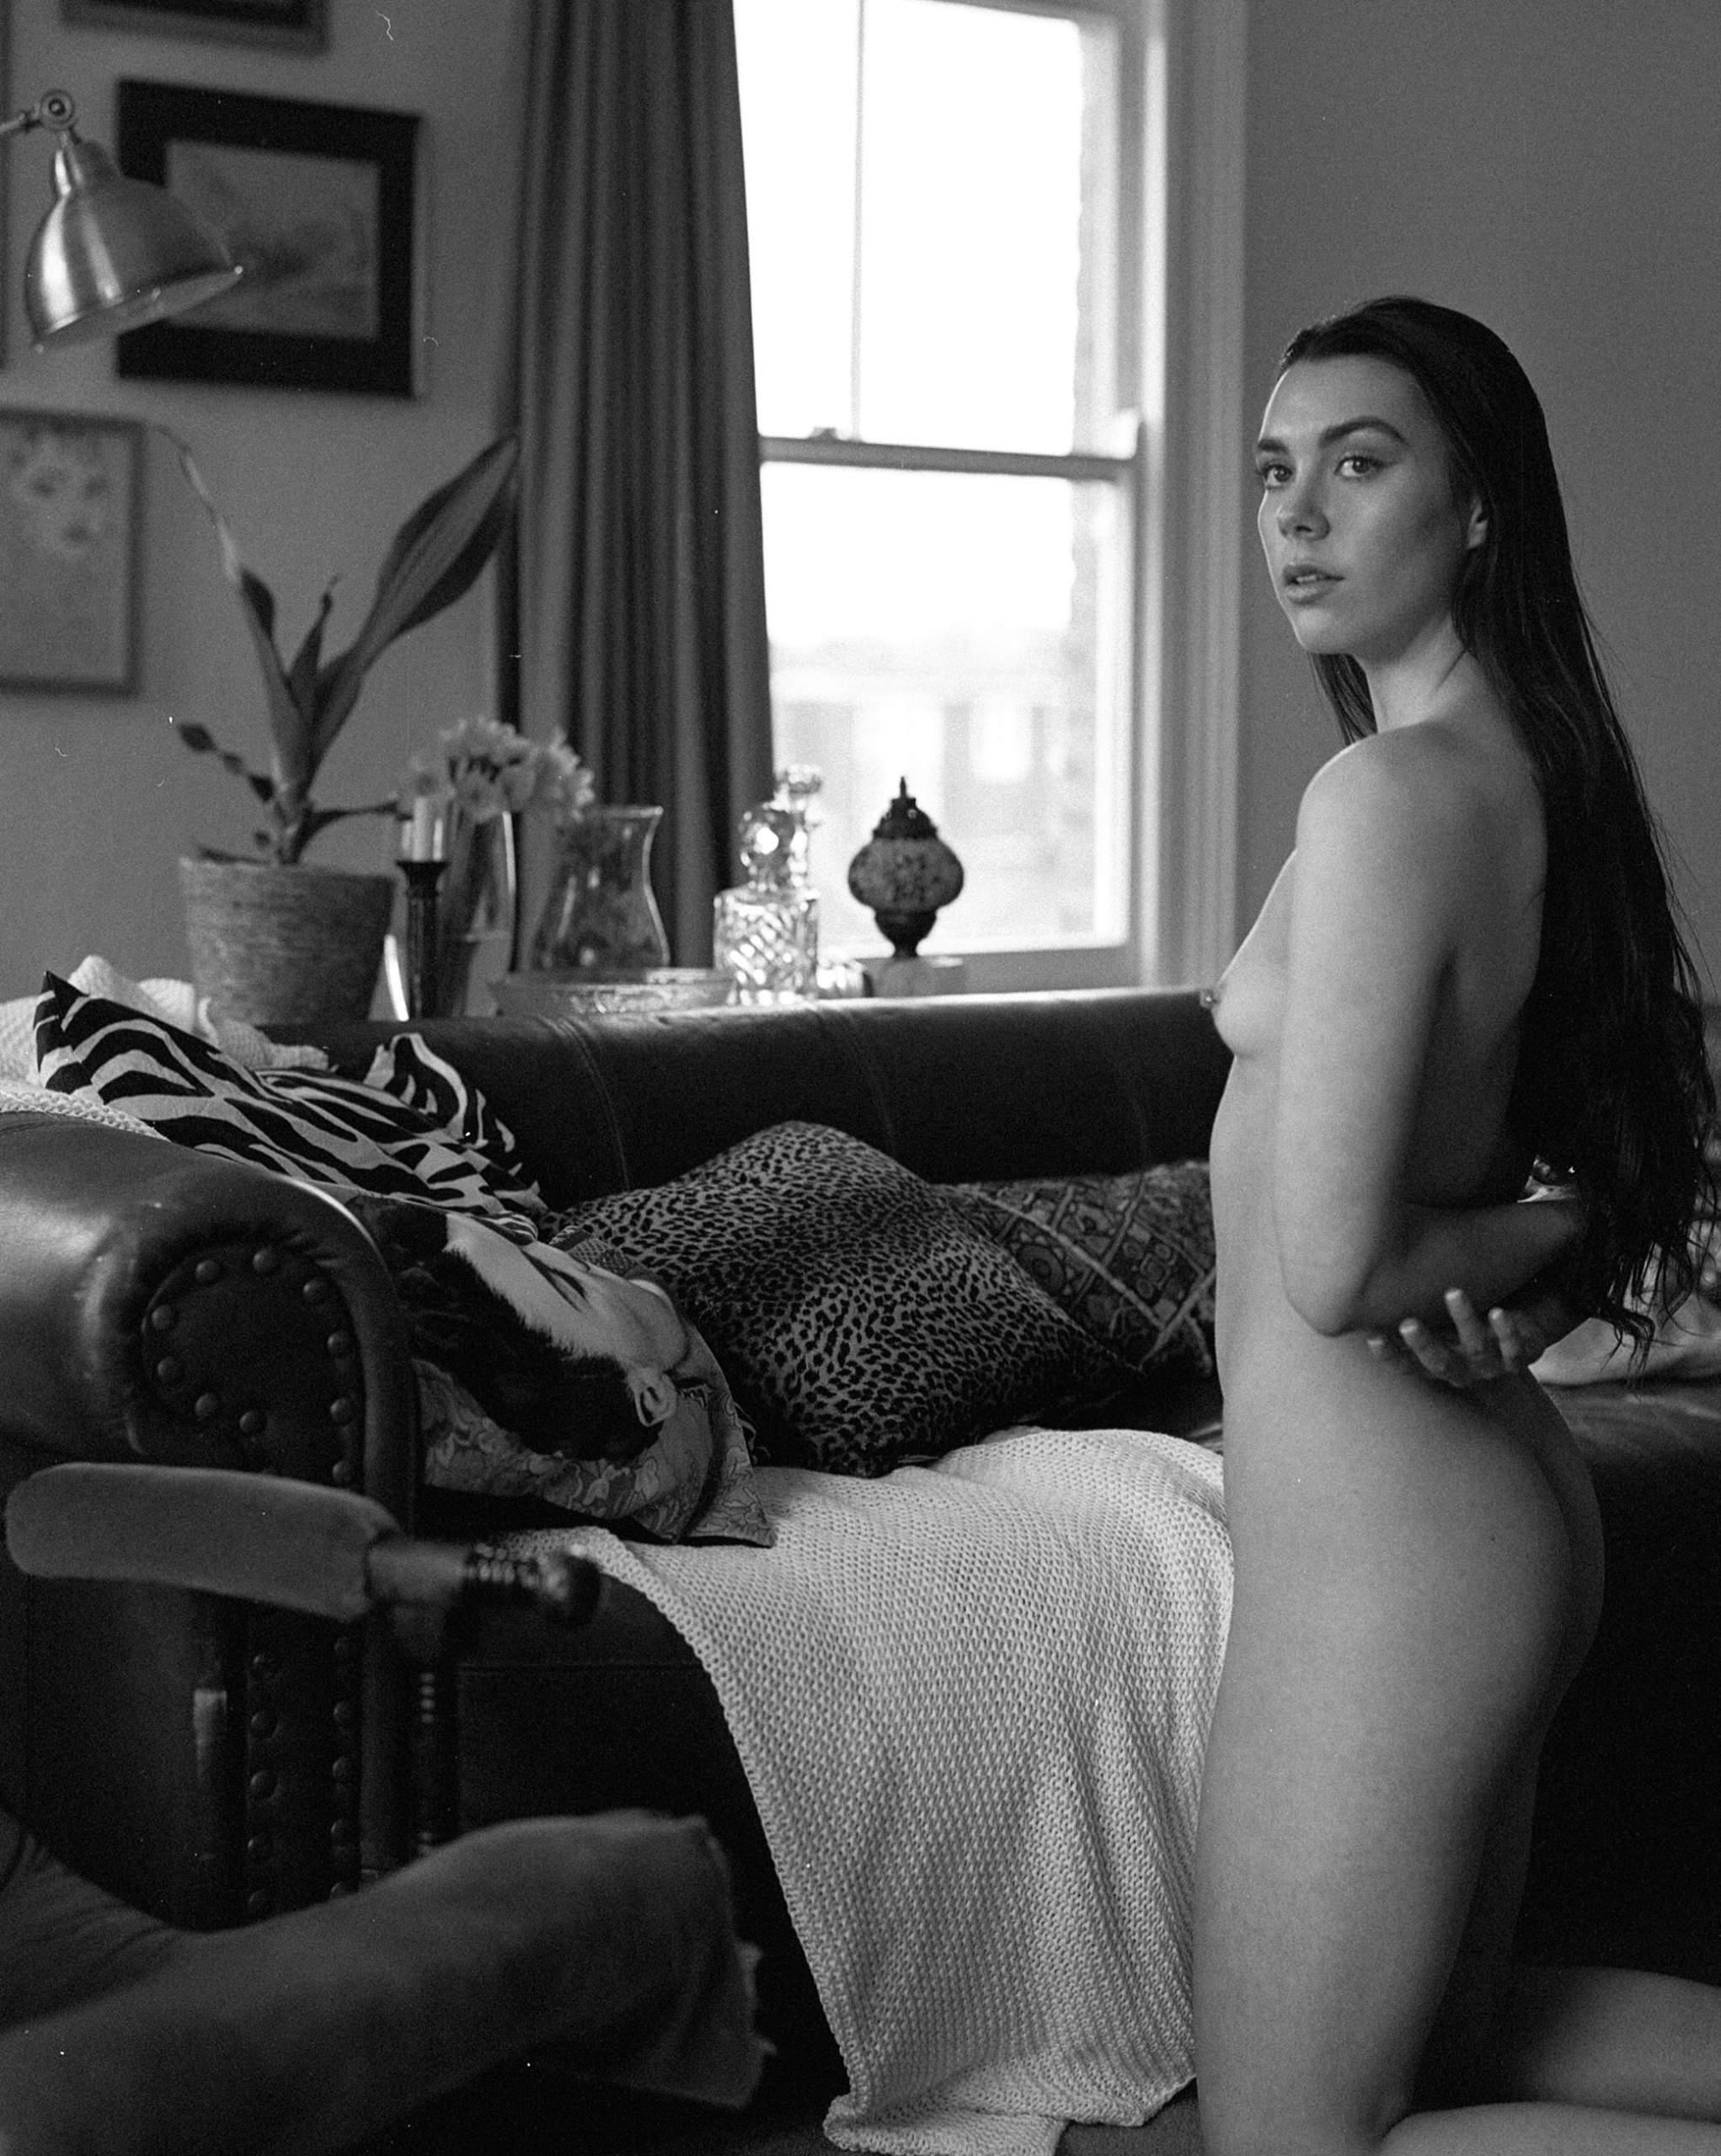 Black and white nude art photo - Hattie by Desari